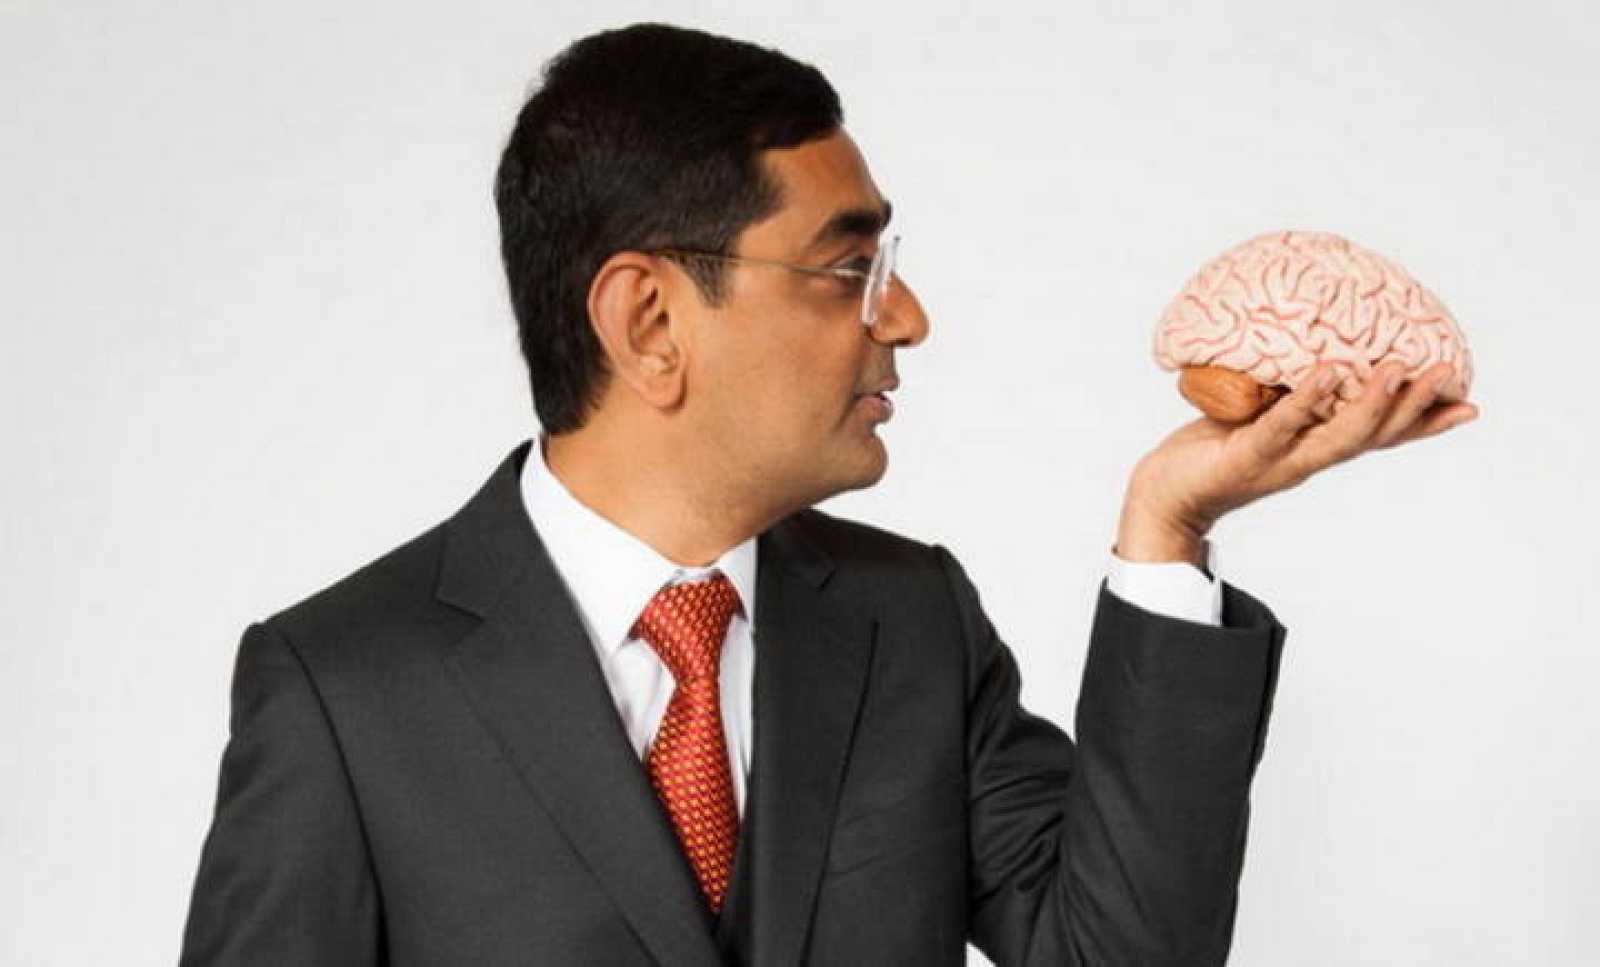 El cerebro ha sido la inspiración para crear el nuevo chip.